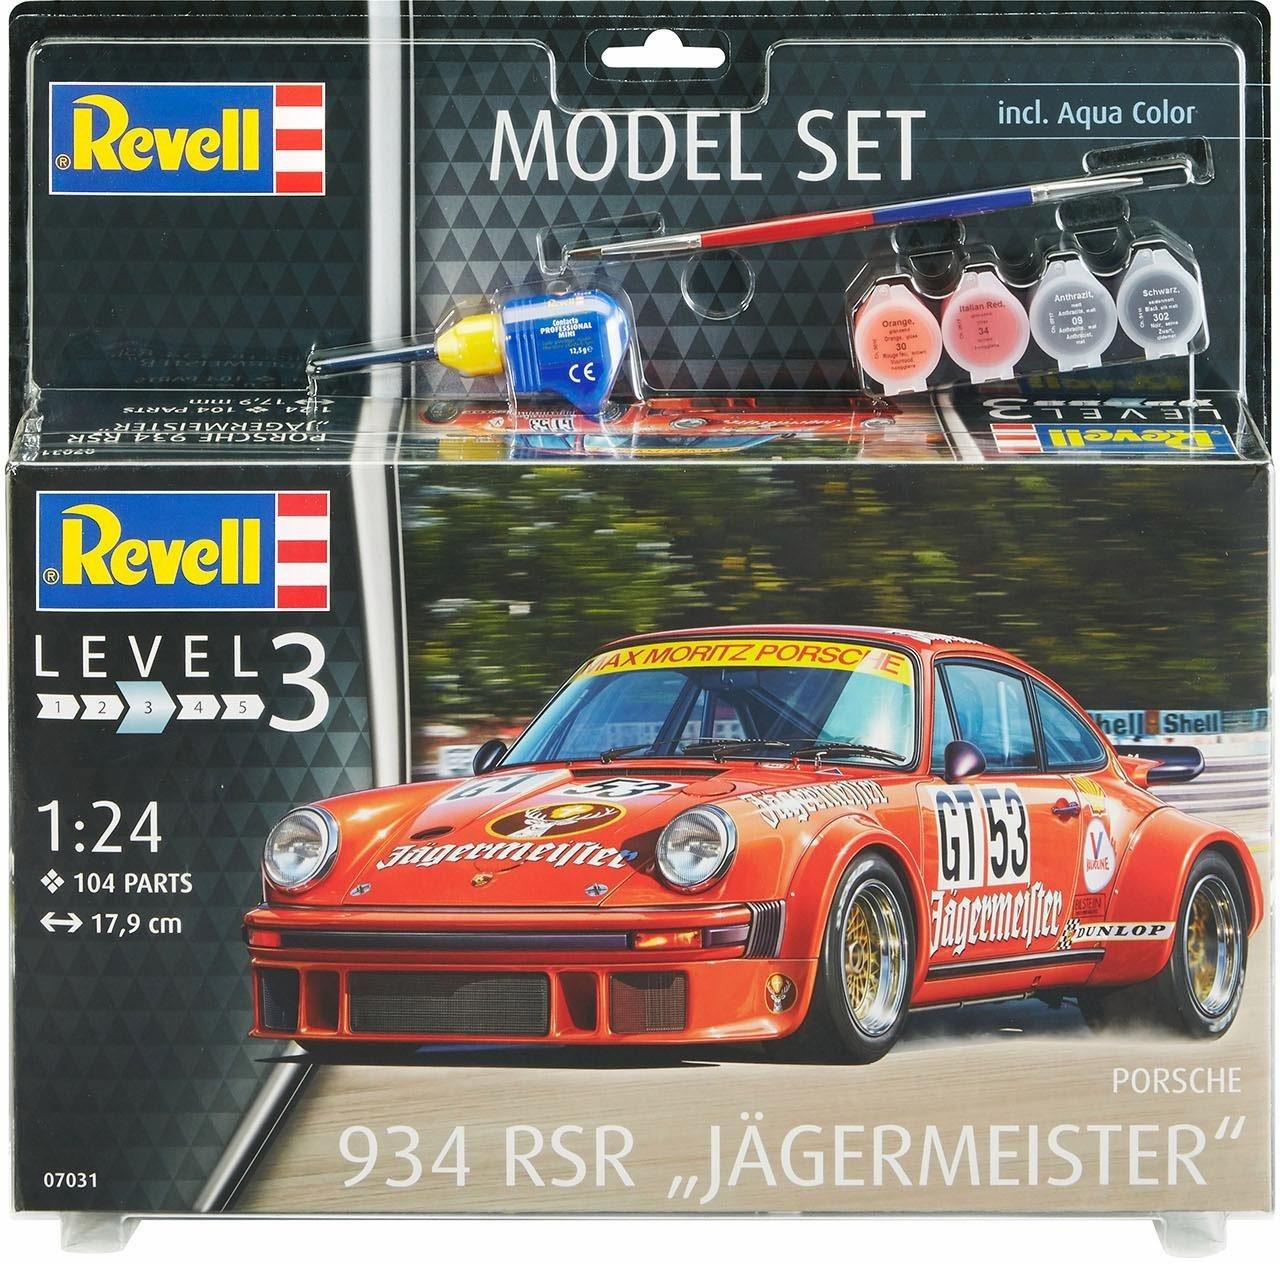 Revell Modellbausatz Auto mit Zubehör, »Model Set, Porsche 934 RSR Jägermeister«